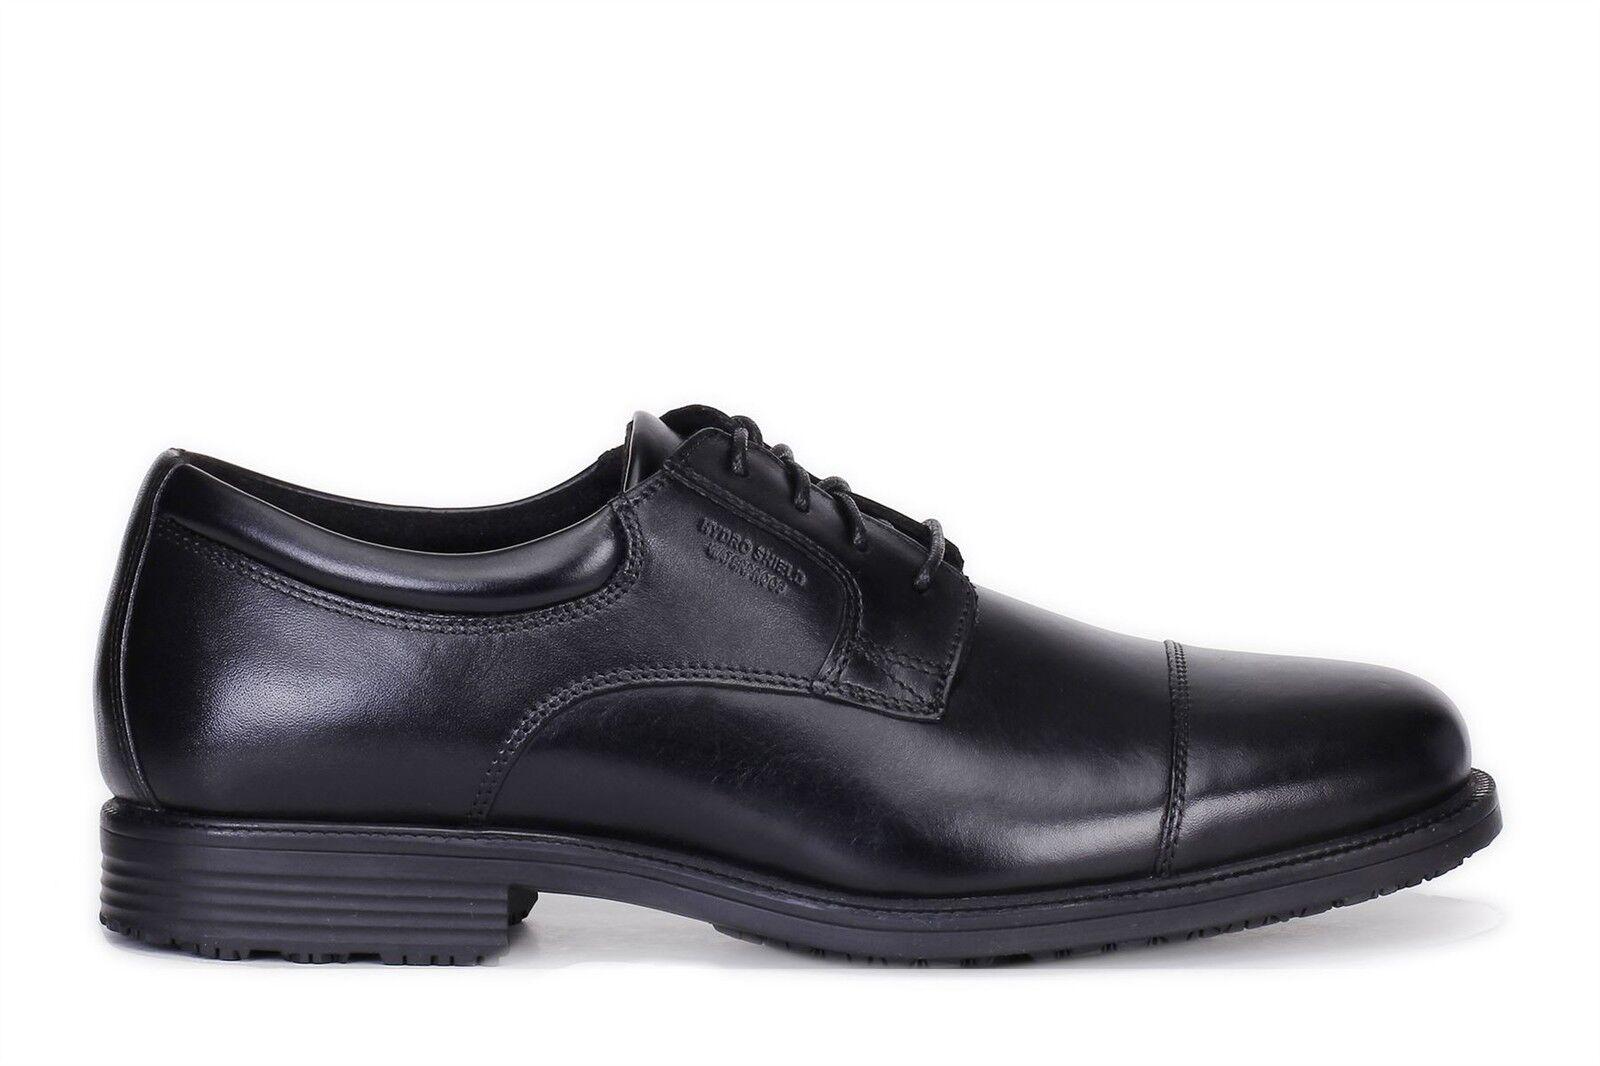 Rockport Mens Essential Details WP Cap Toe Oxford Shoes Black V73839